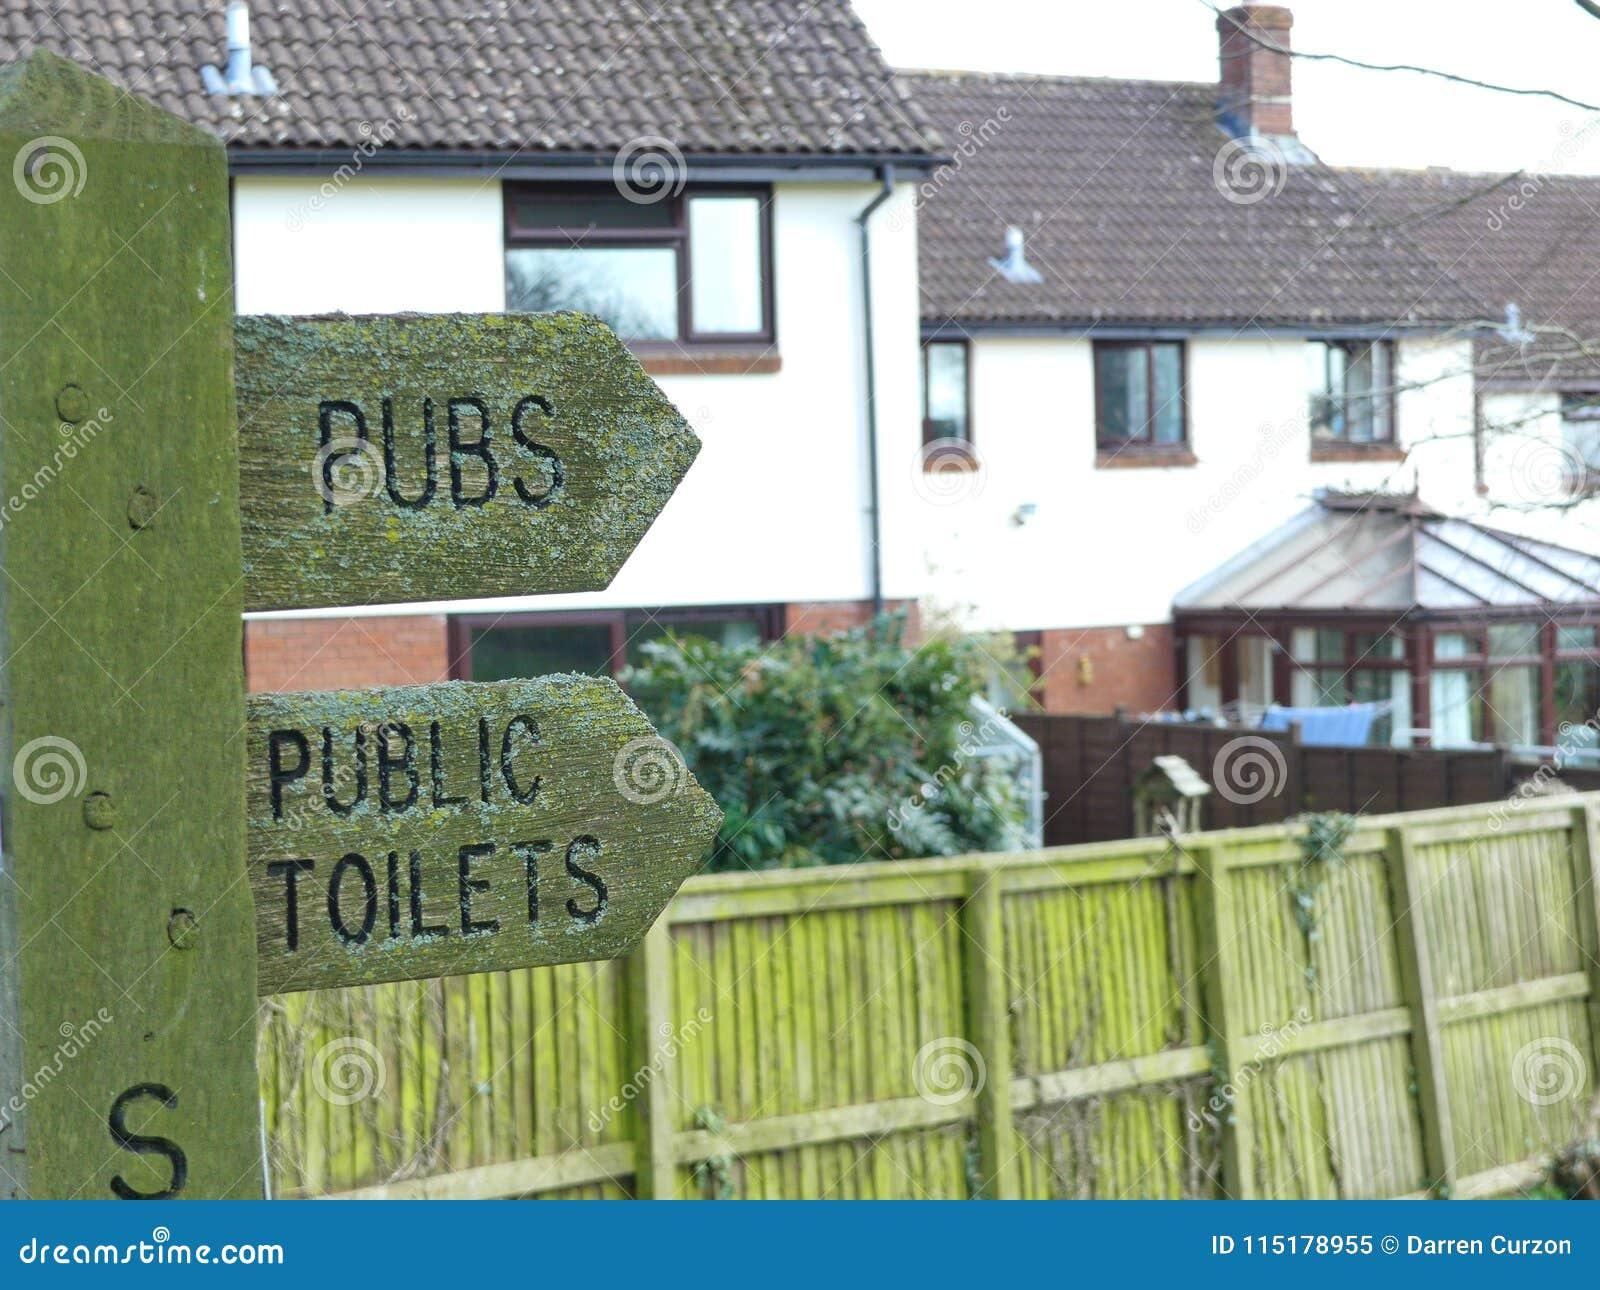 Kierunkowskaz w Sampford Peverell, Devon, kierujący w kierunku pubów i toalet